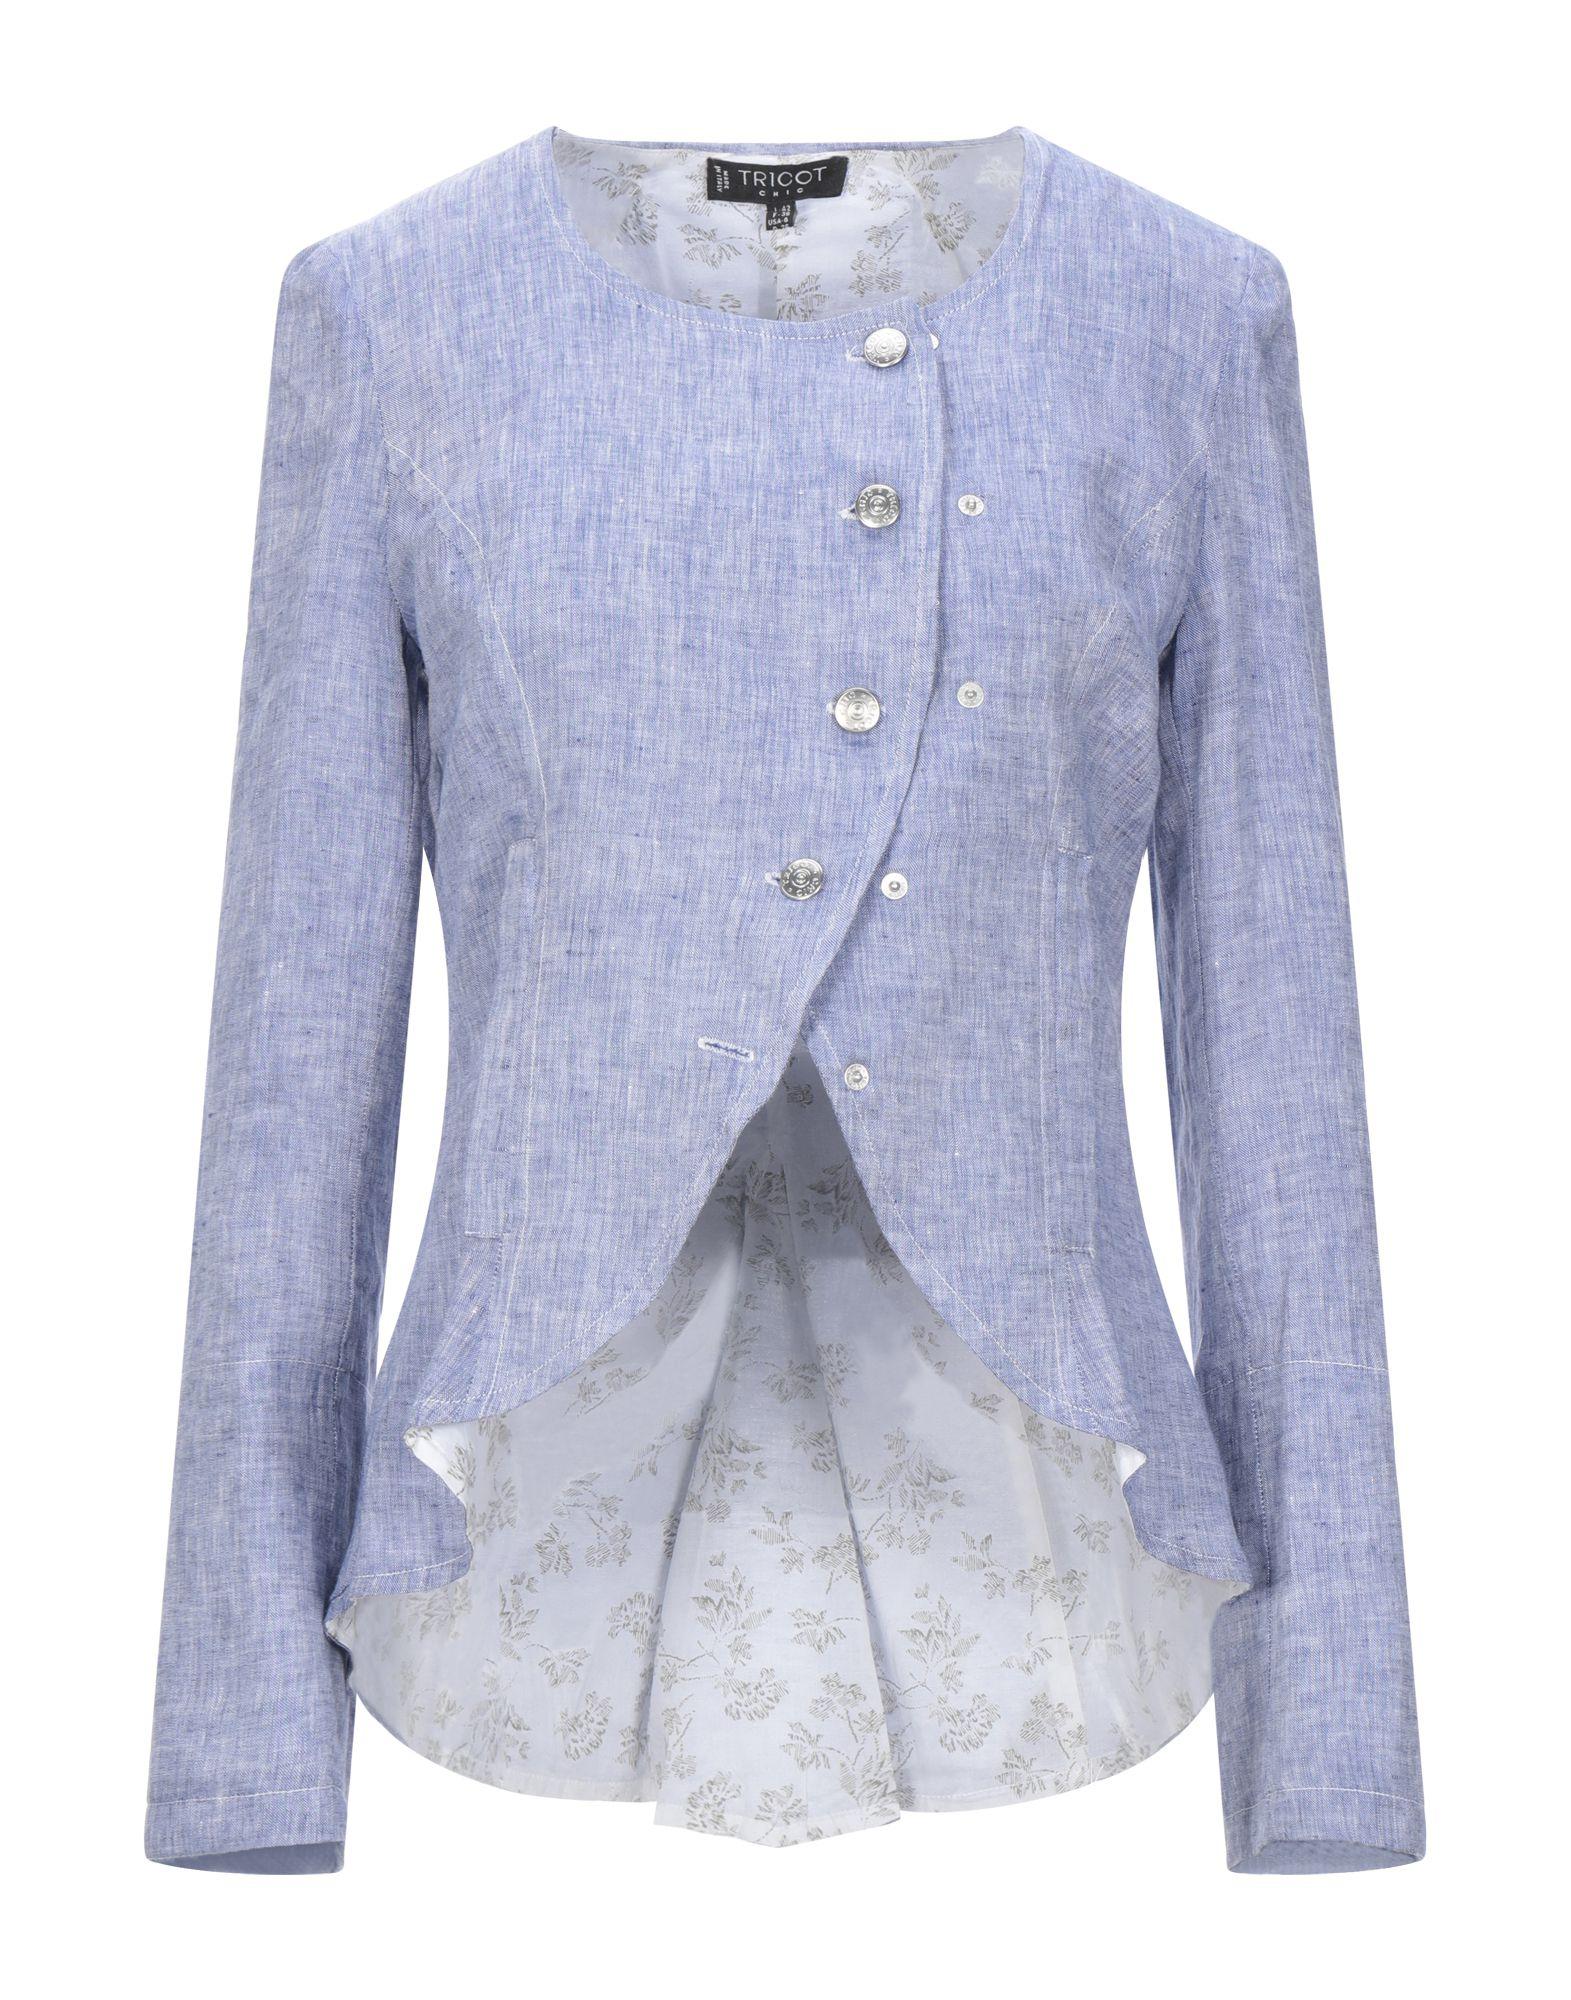 TRICOT CHIC Пиджак lady chic® collection пиджак